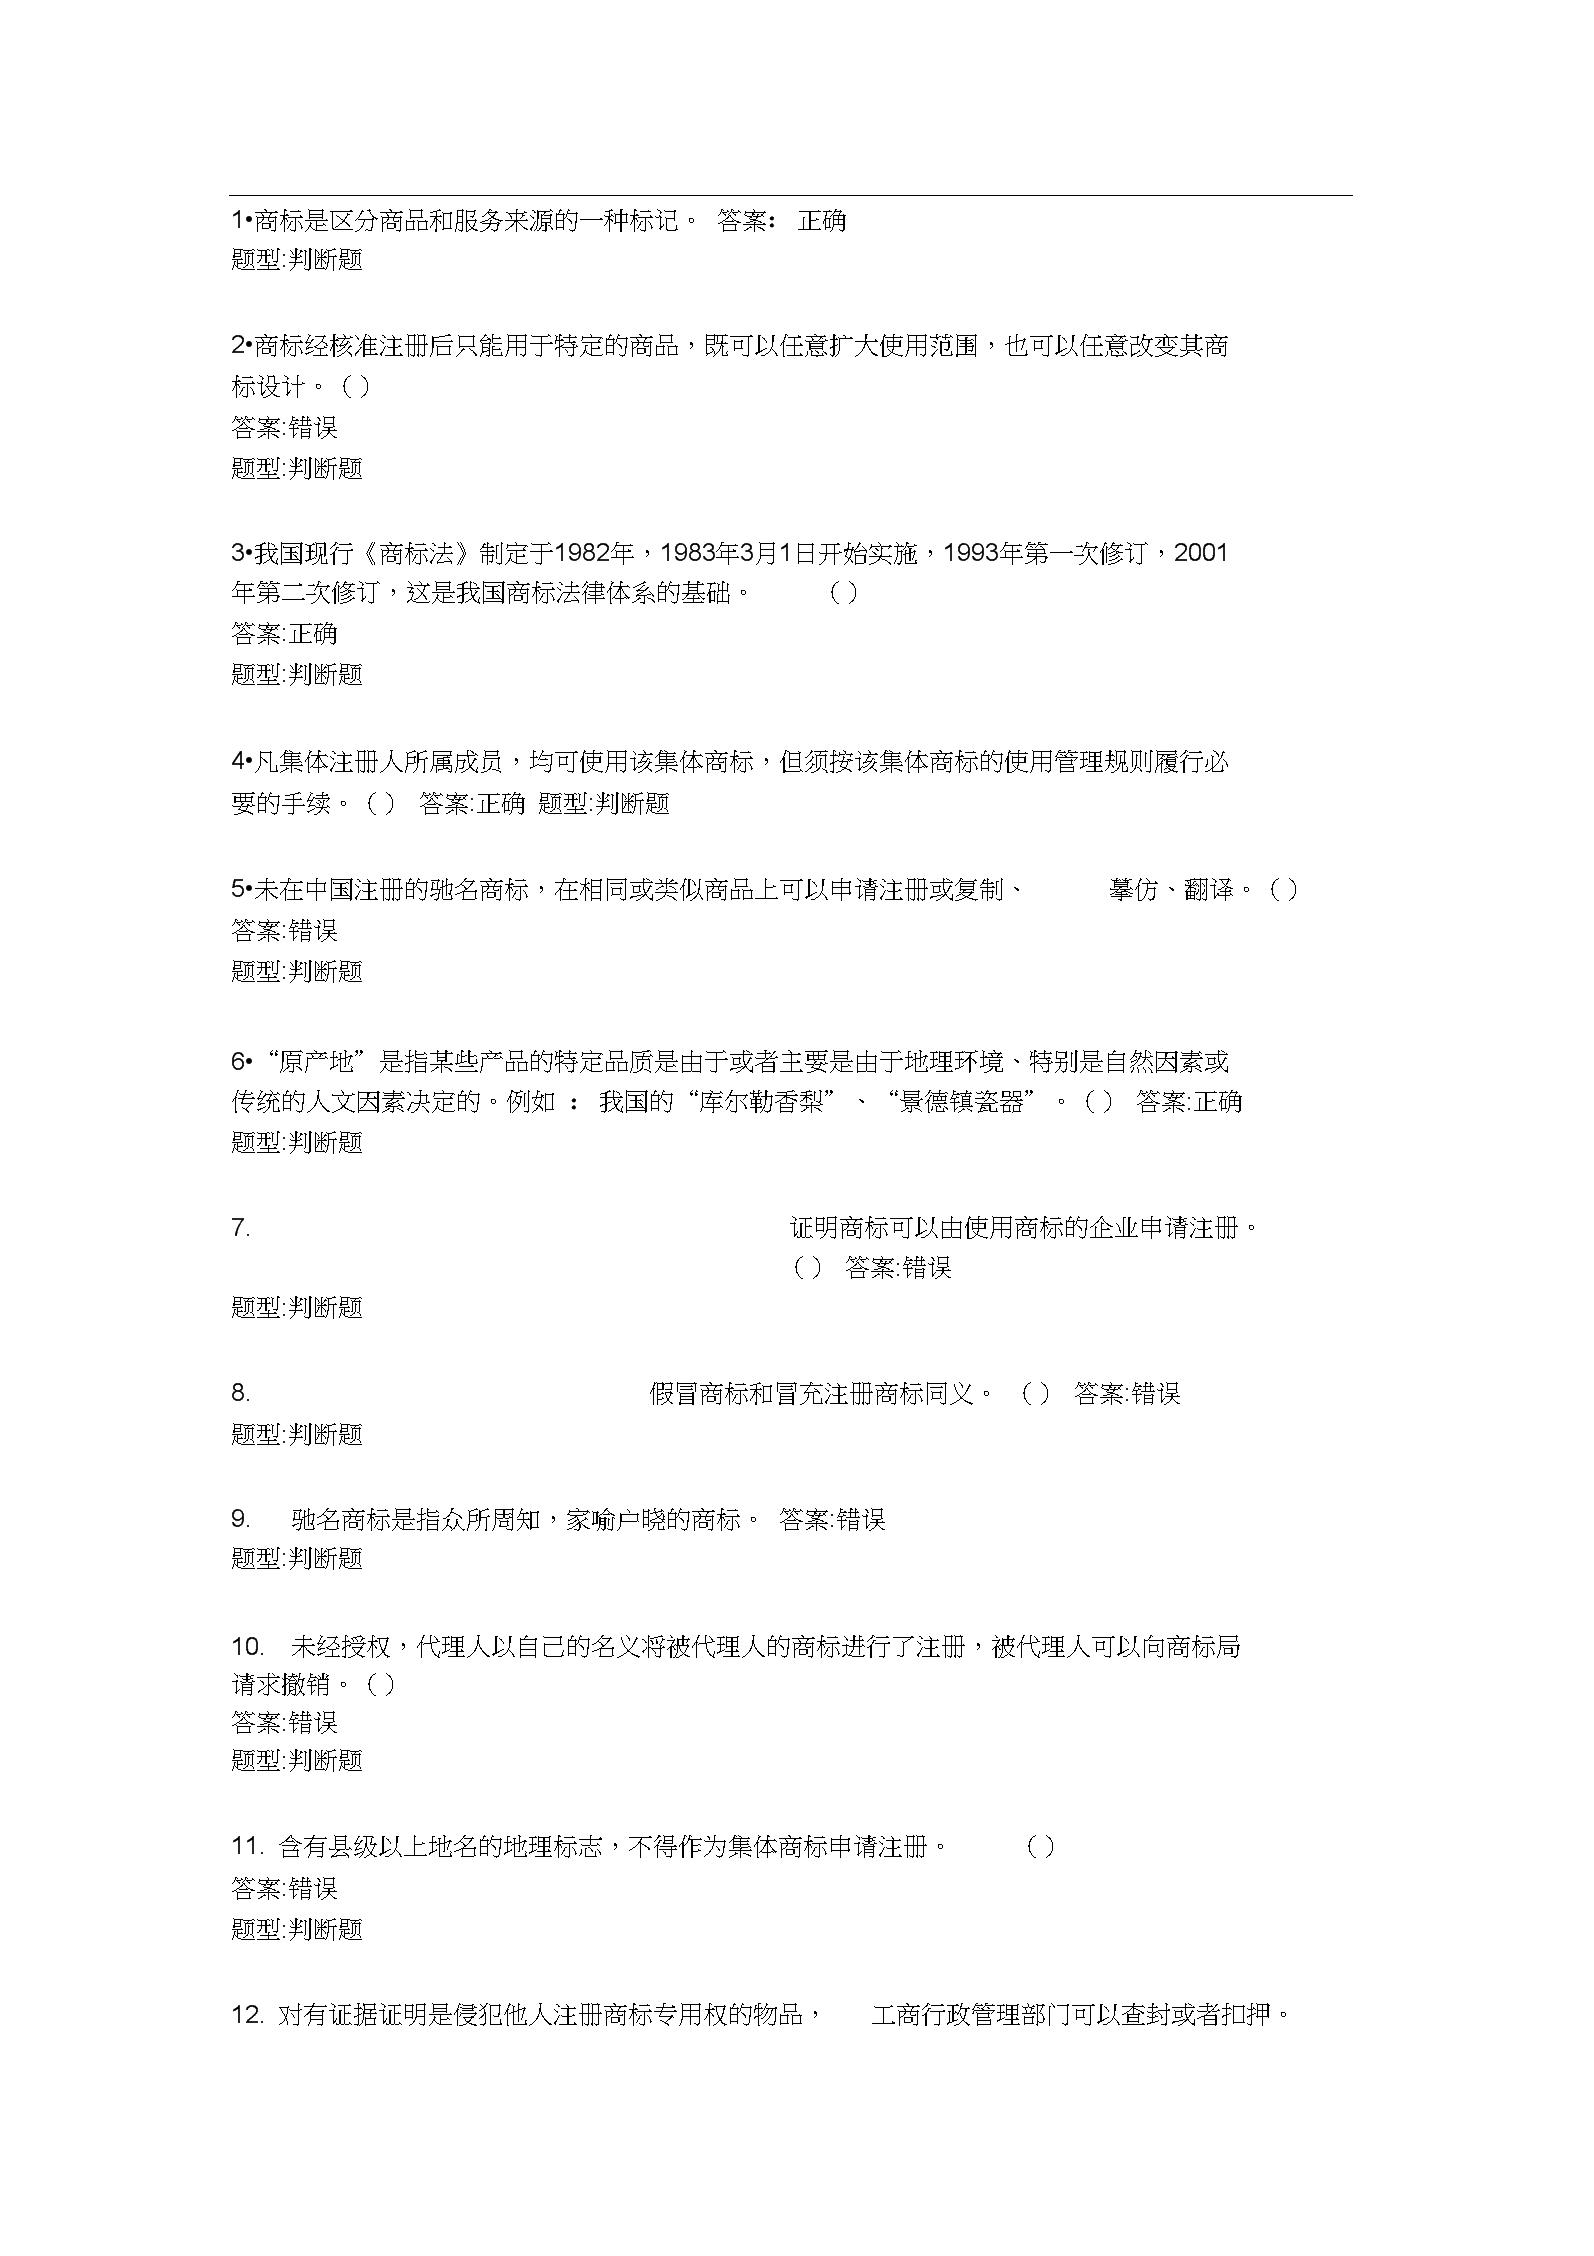 商标法-判断题.docx